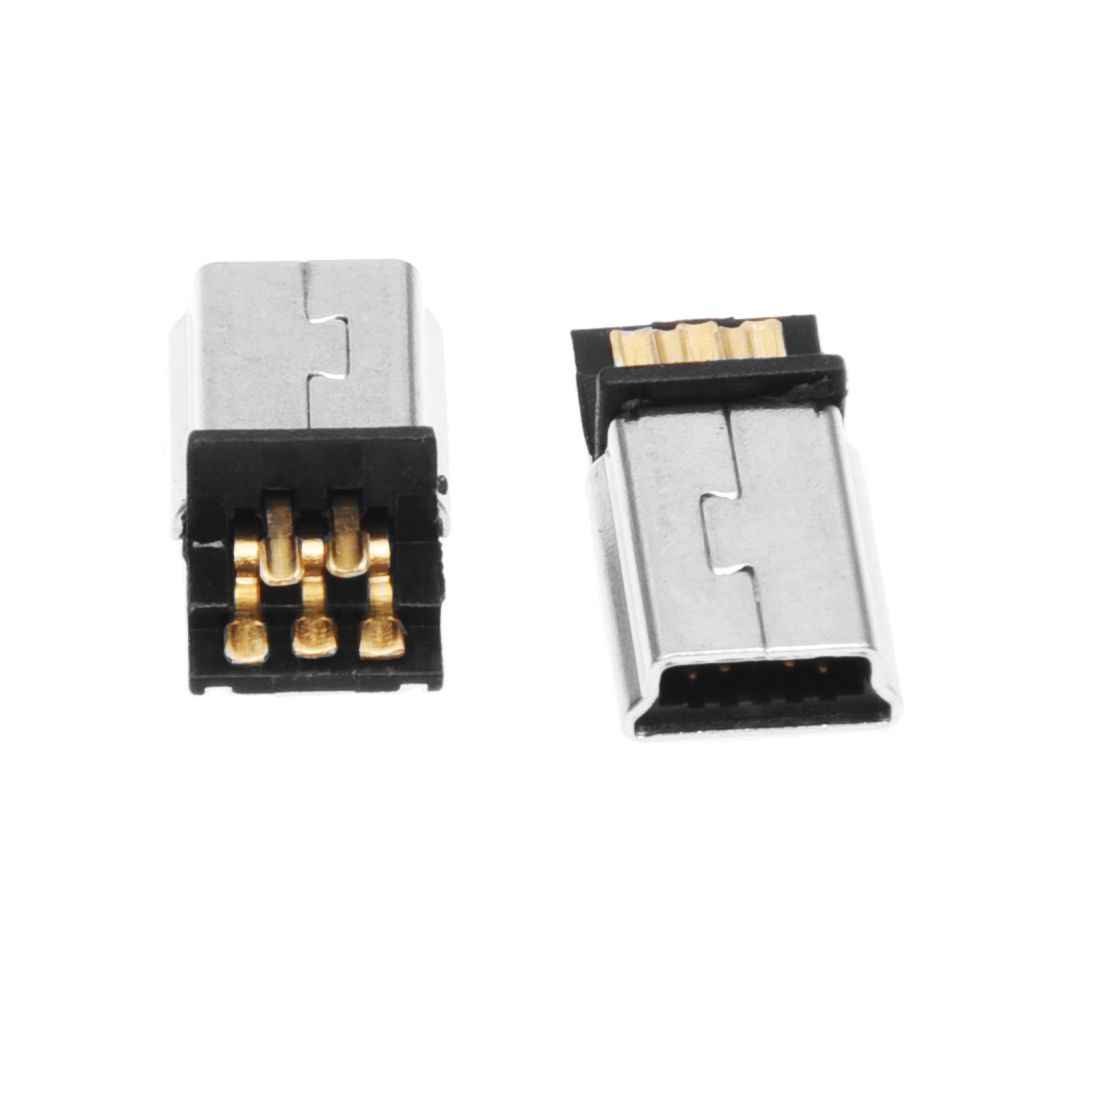 DSHA nowy gorący 10 sztuk Mini USB 5 Pin męski wtyk złącze smt diy srebrny Tone ciemnoszary